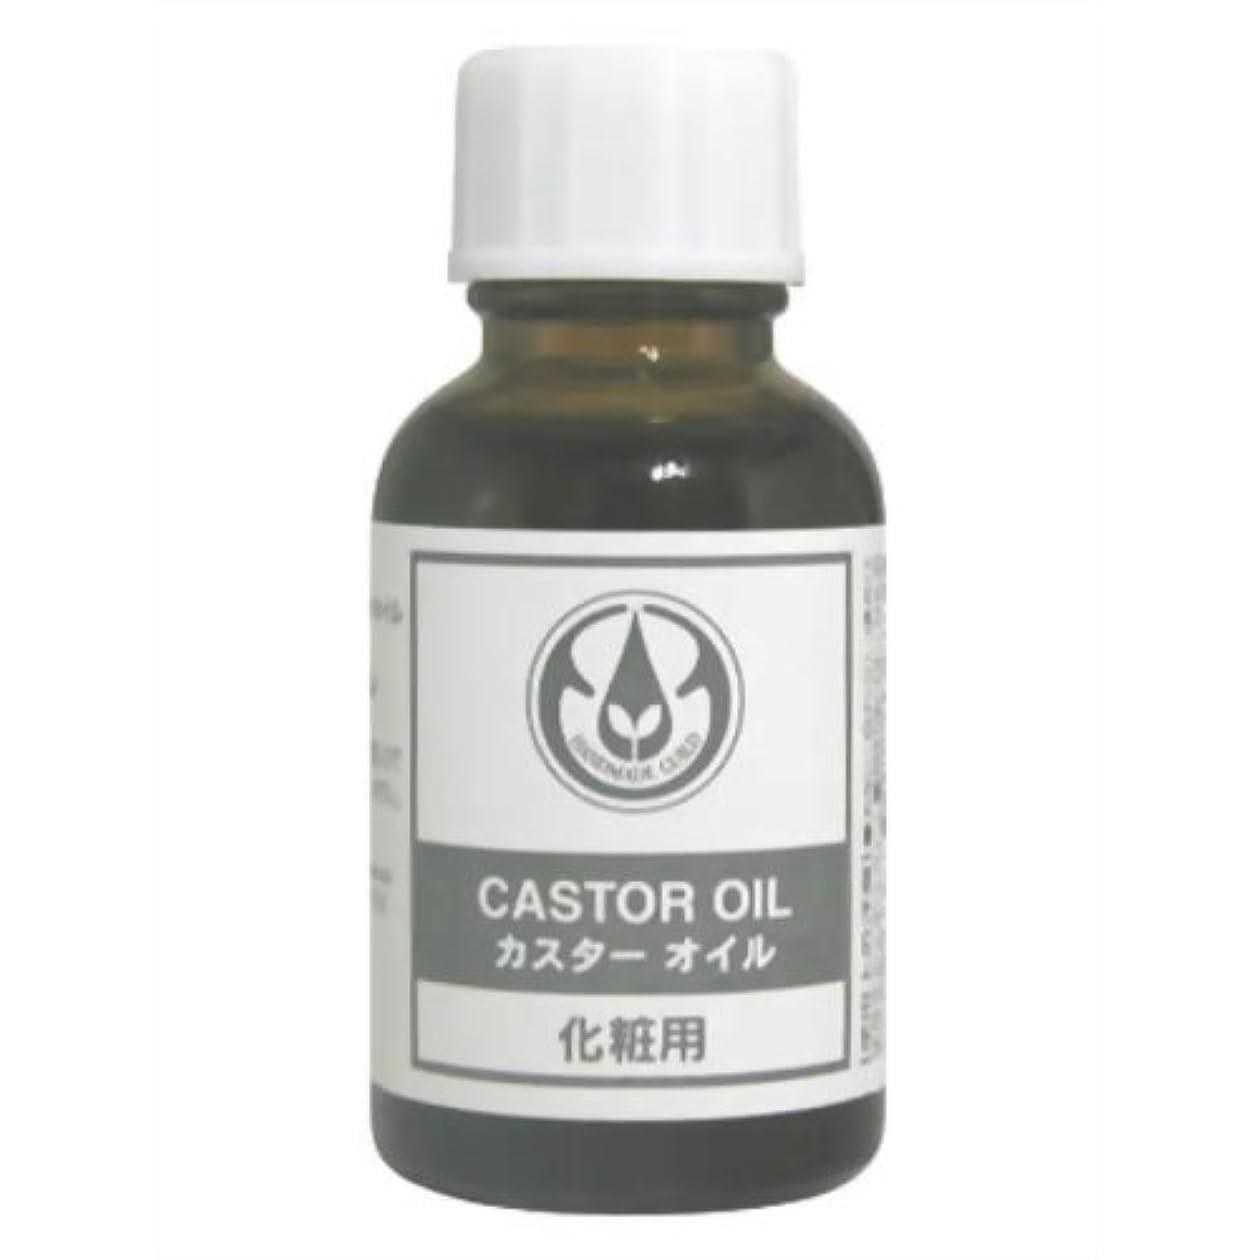 腹全国過敏な生活の木 カスターオイル 25ml